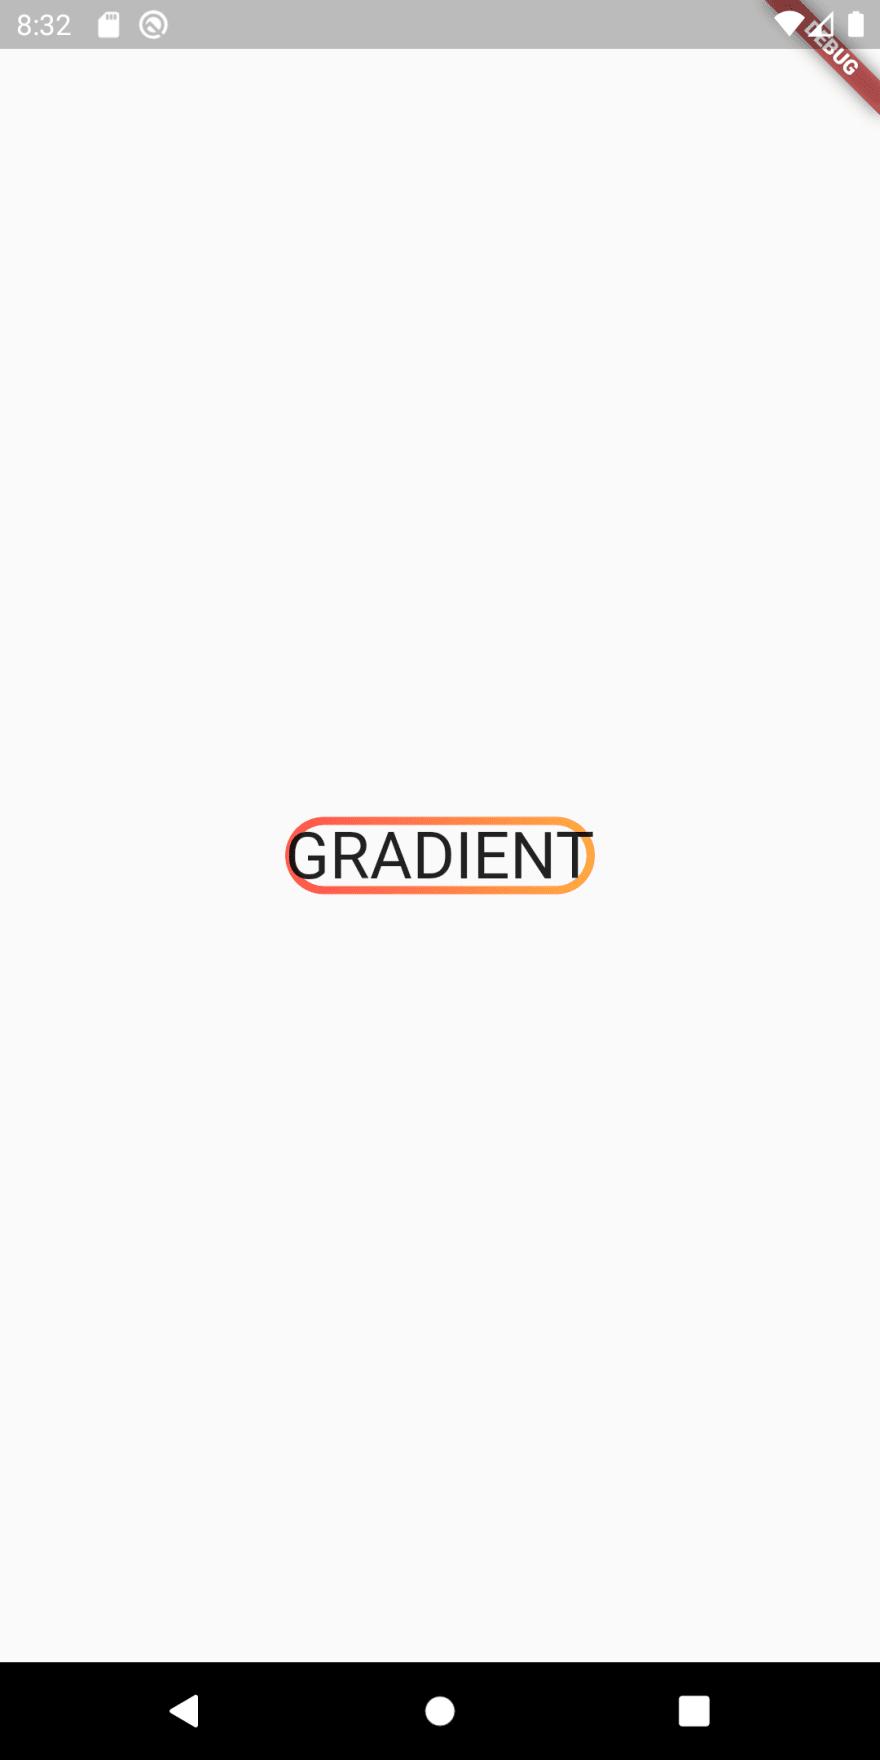 Round gradient border around text